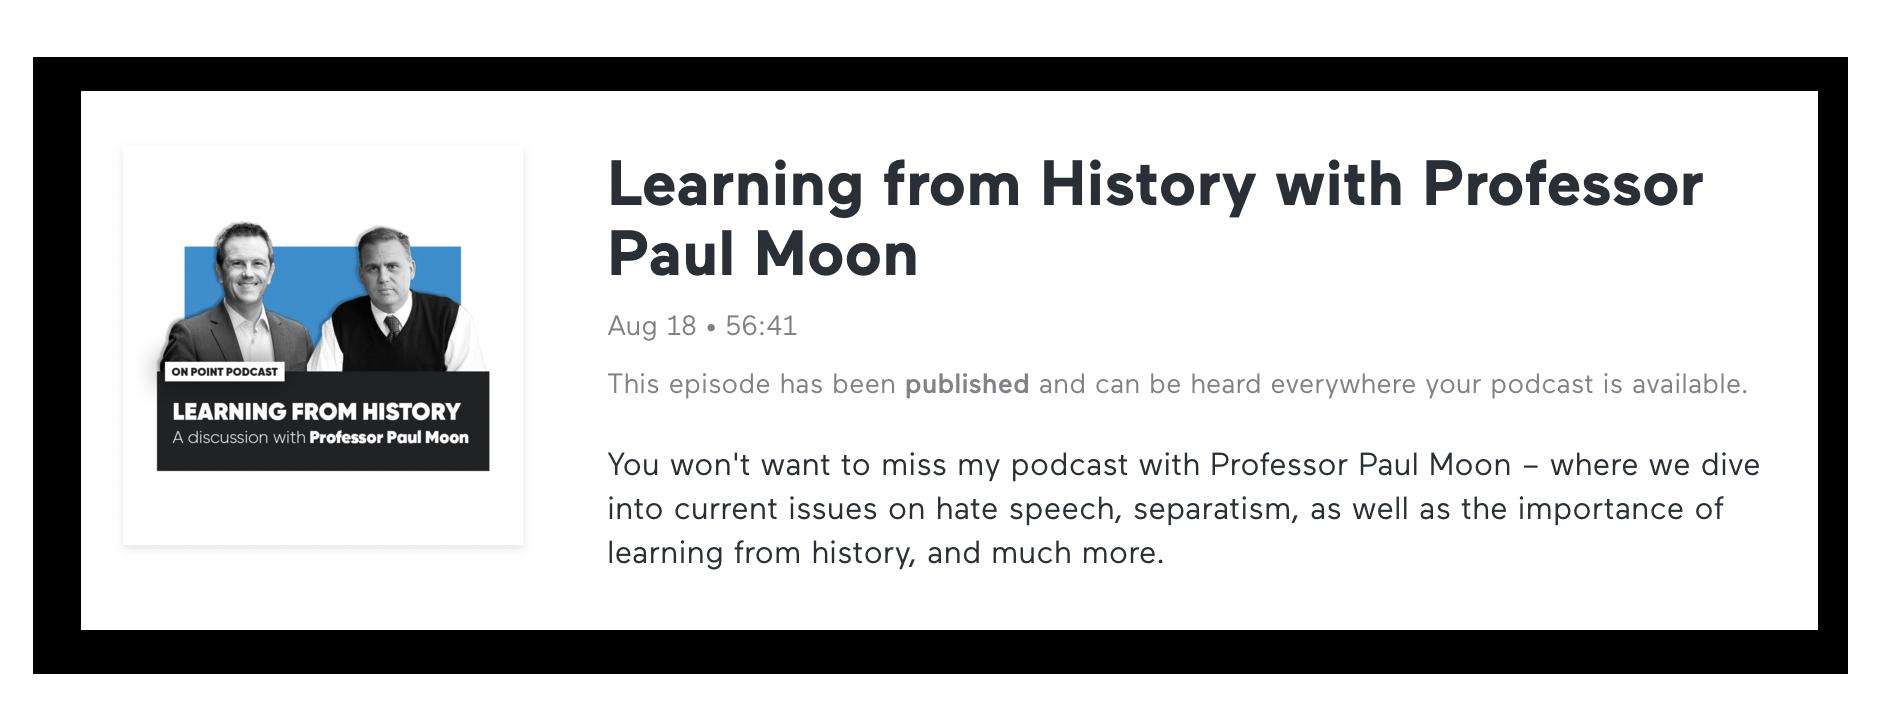 Paul Moon On Point with Simon O'Connor